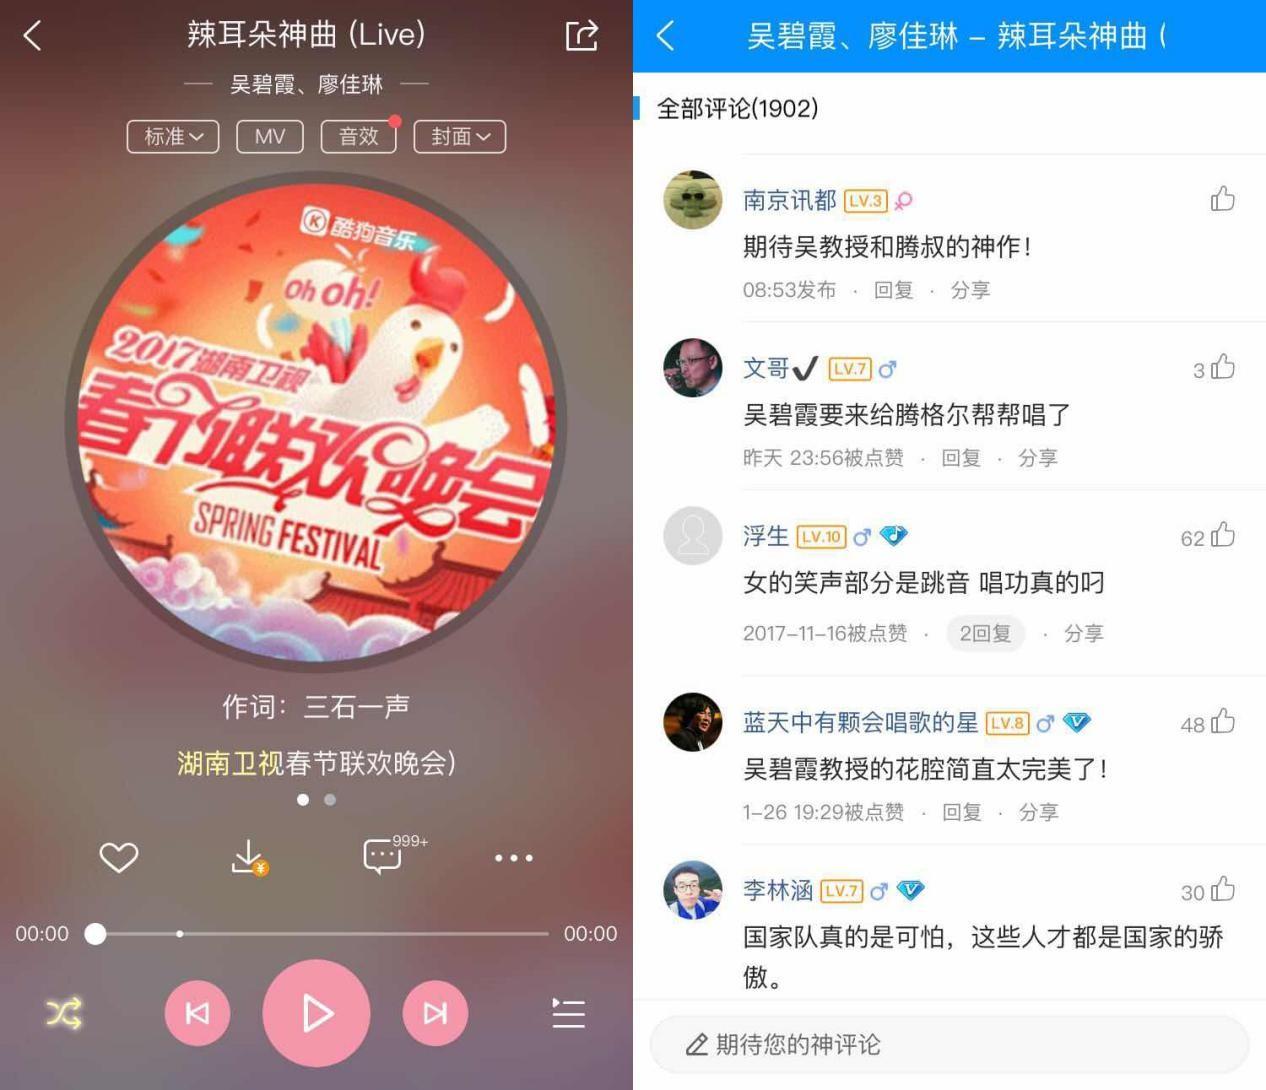 湖南卫视歌手微博爆料吴碧霞将合作腾格尔2.jpg